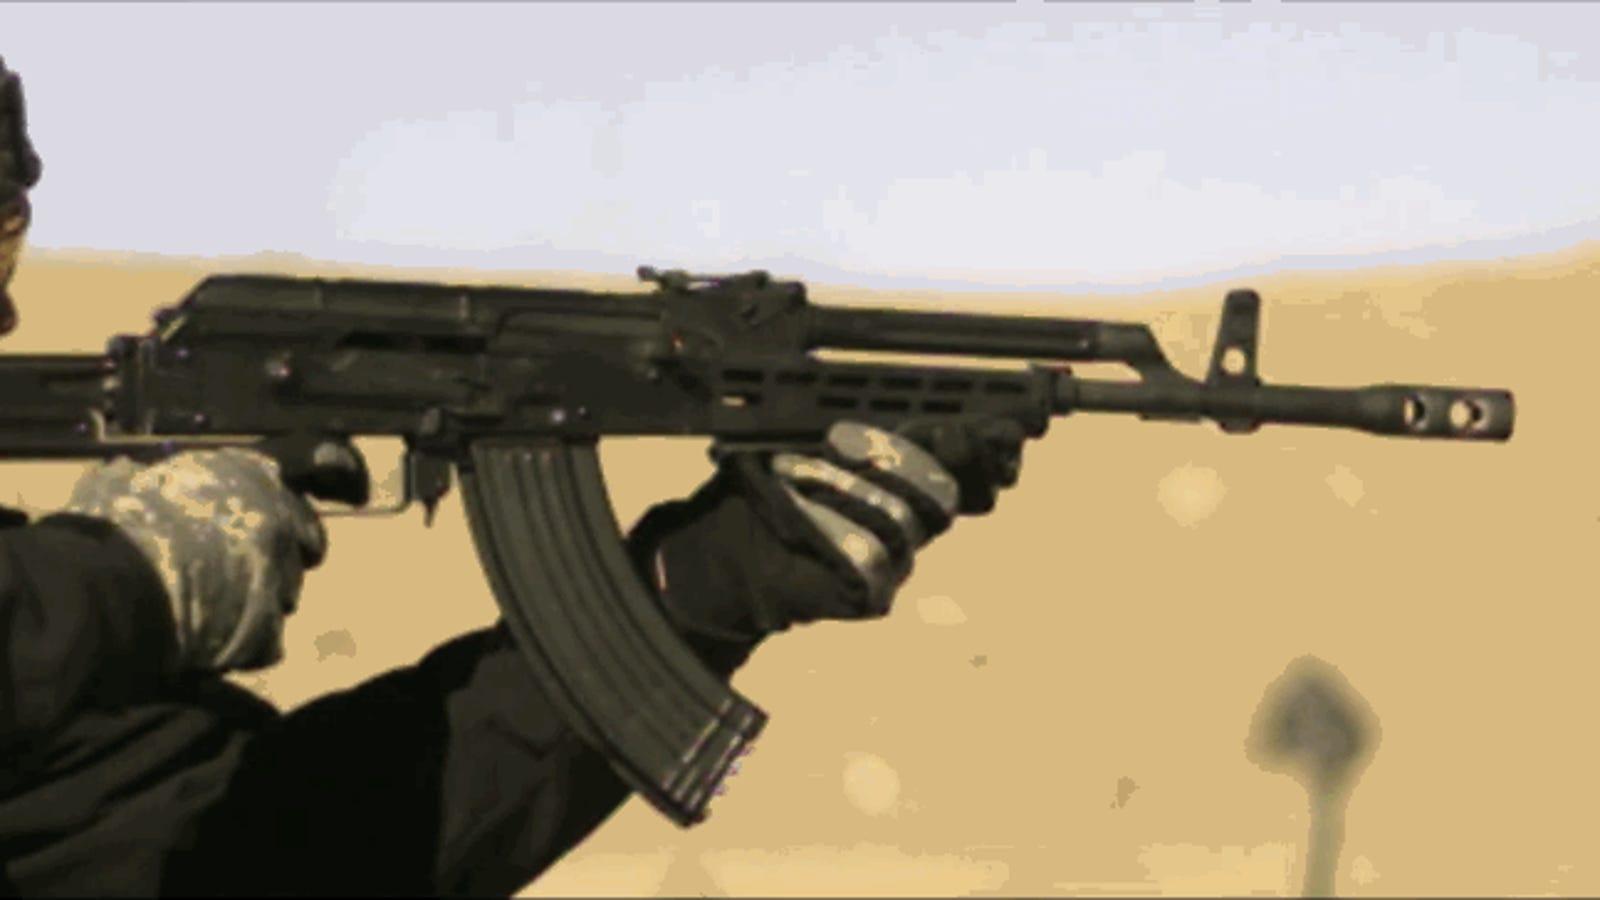 Así de fácil se puede conseguir o modificar un arma en